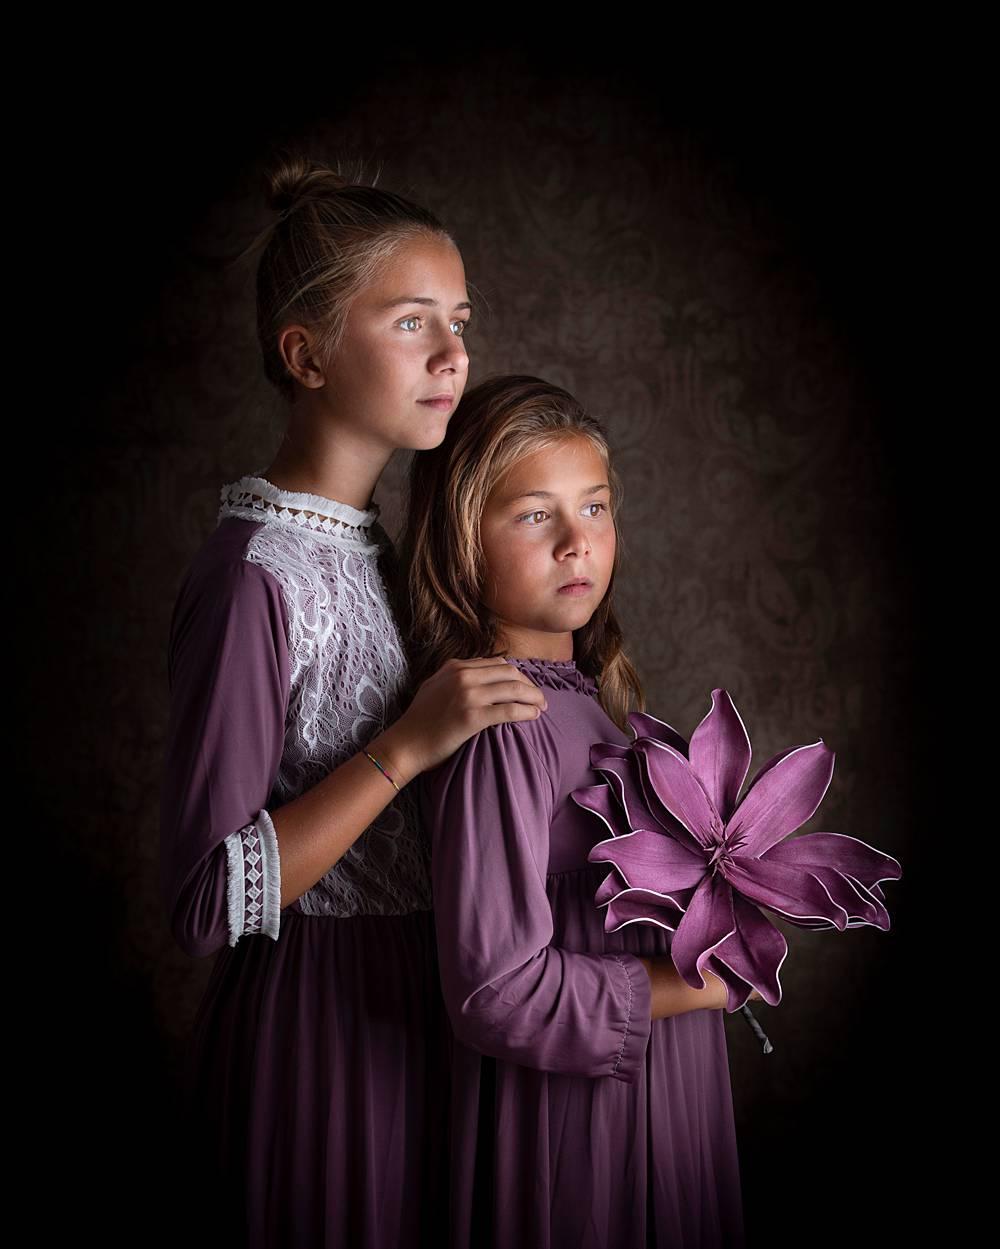 fotografo-ritratti-artistici-bambini-laura-caini